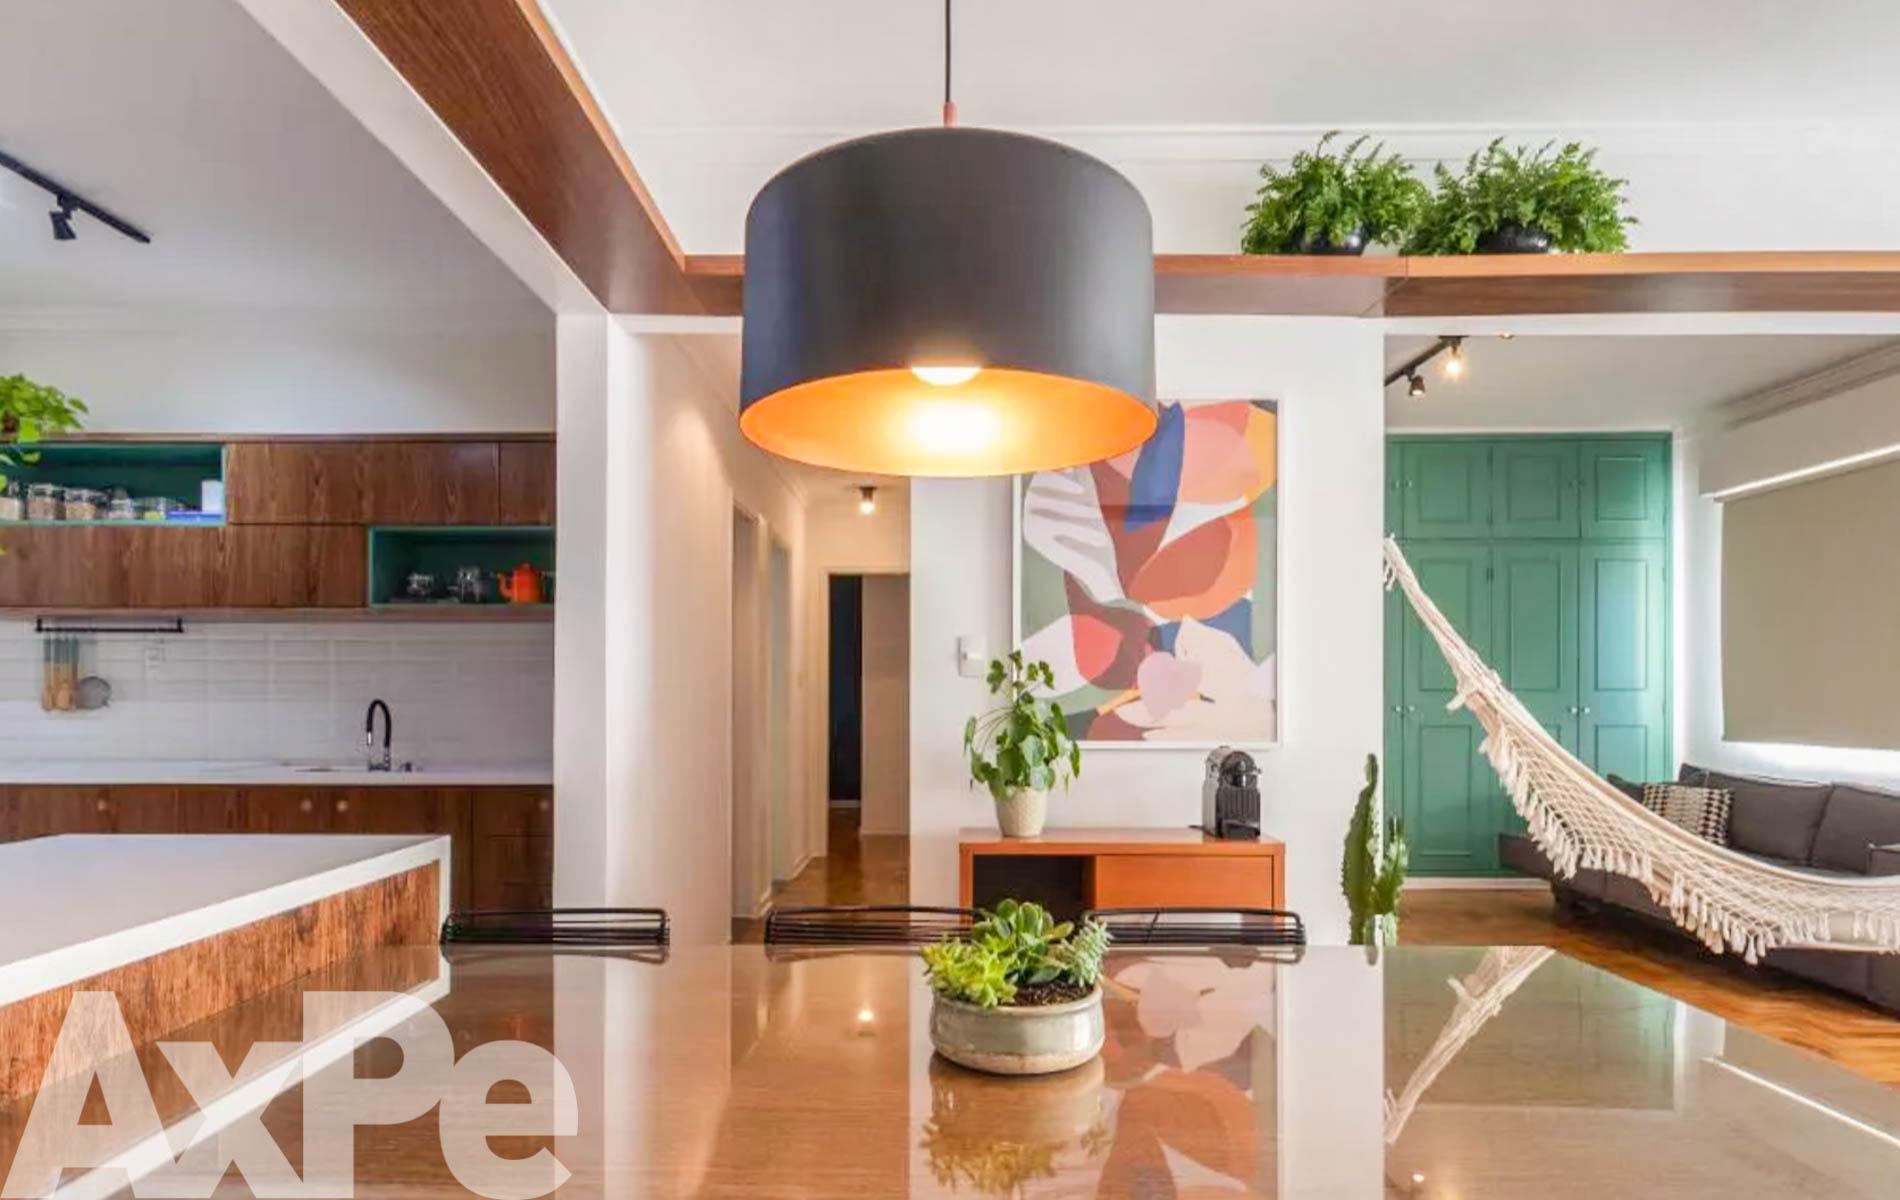 Axpe Apartamento - AX146047